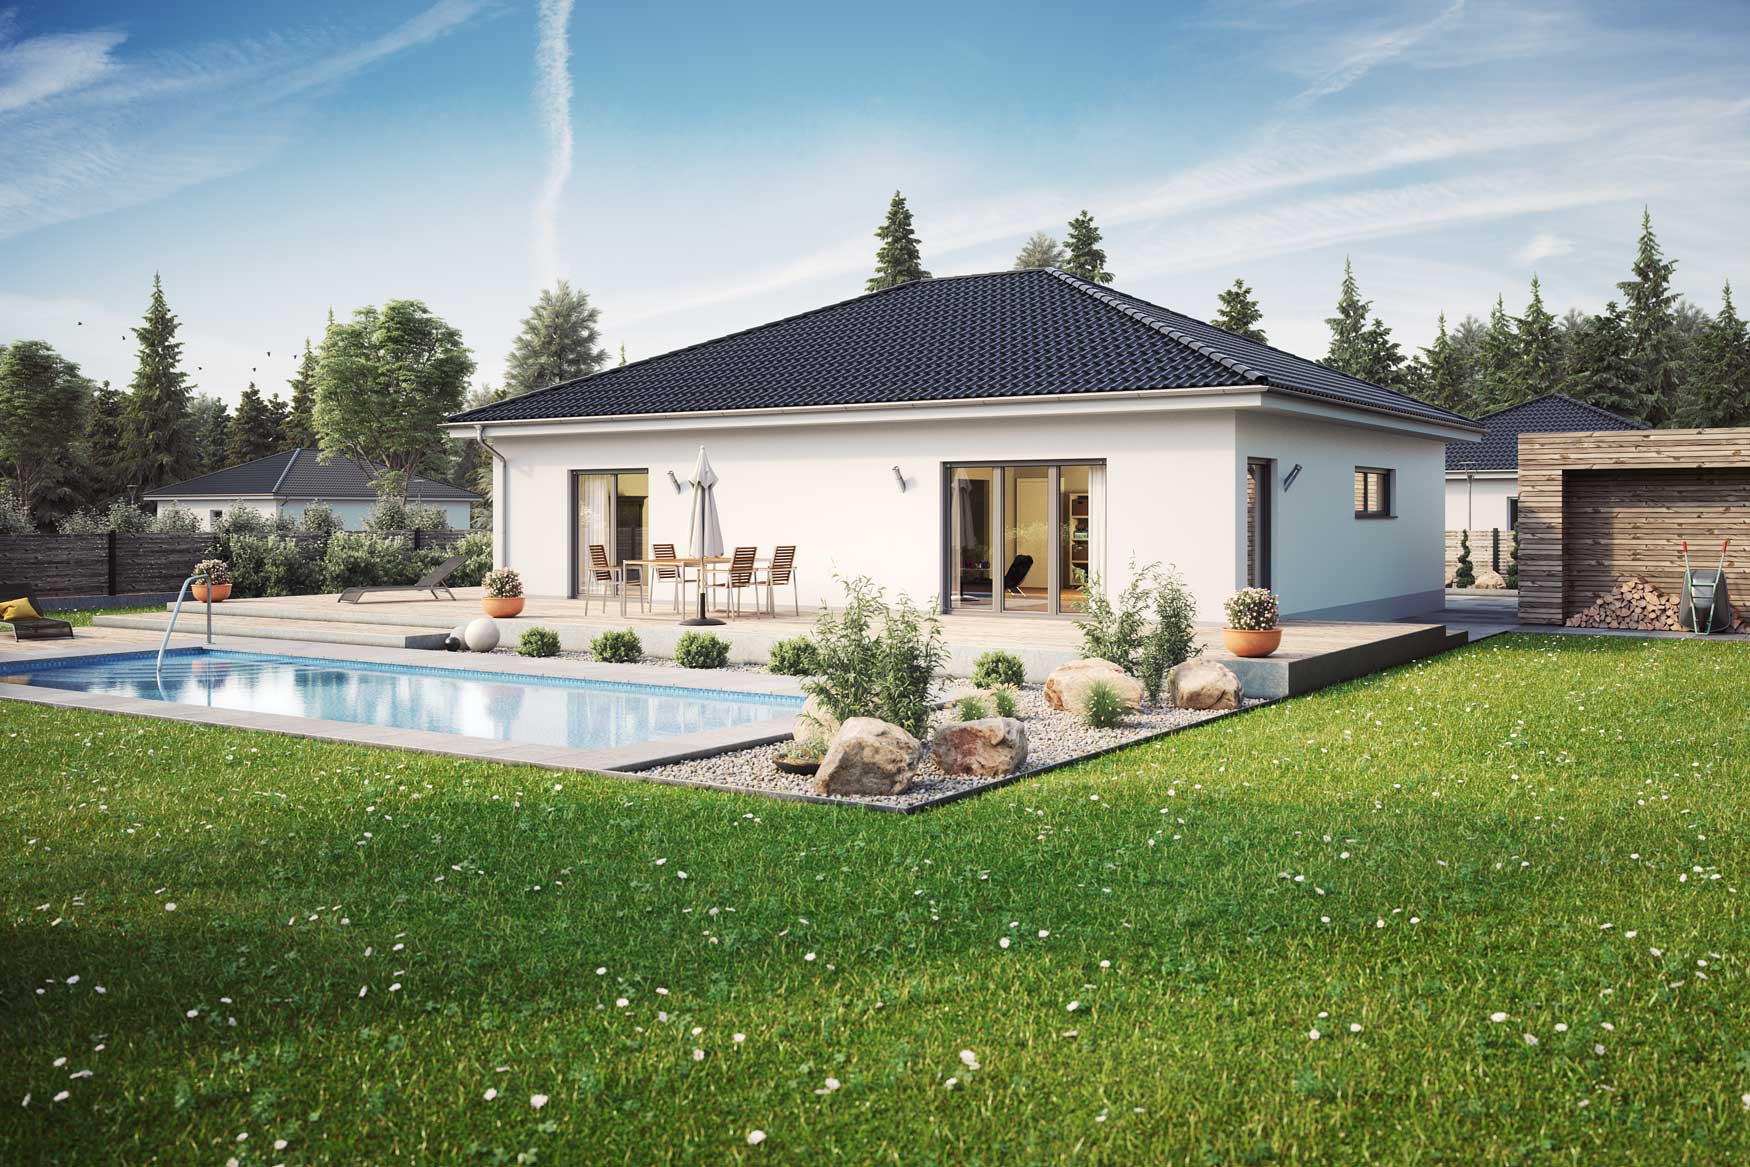 Massivhaus Nizza Wohnwelten Massivhaus GmbH